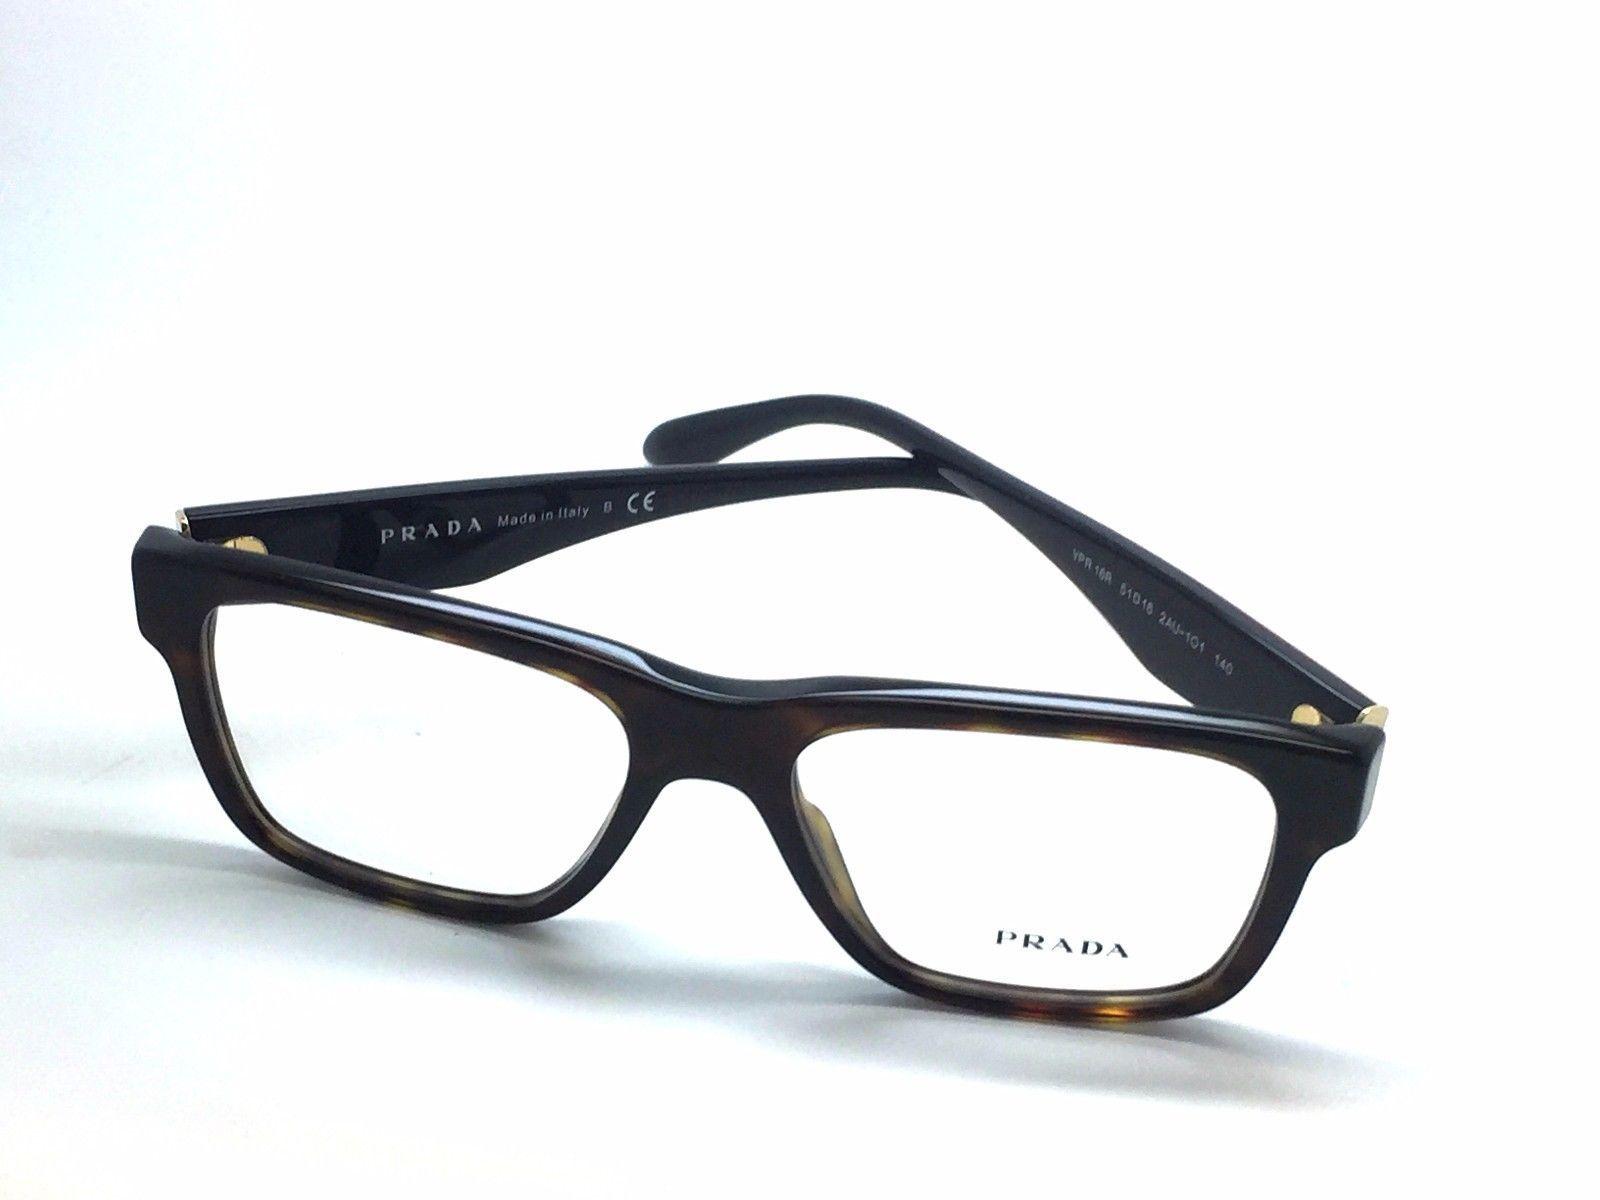 224cc34e0d75 New Prada VPR 16R 2AU-1O1 Havana Red Full-Frame Acetate Eyeglasses Italy  51mm